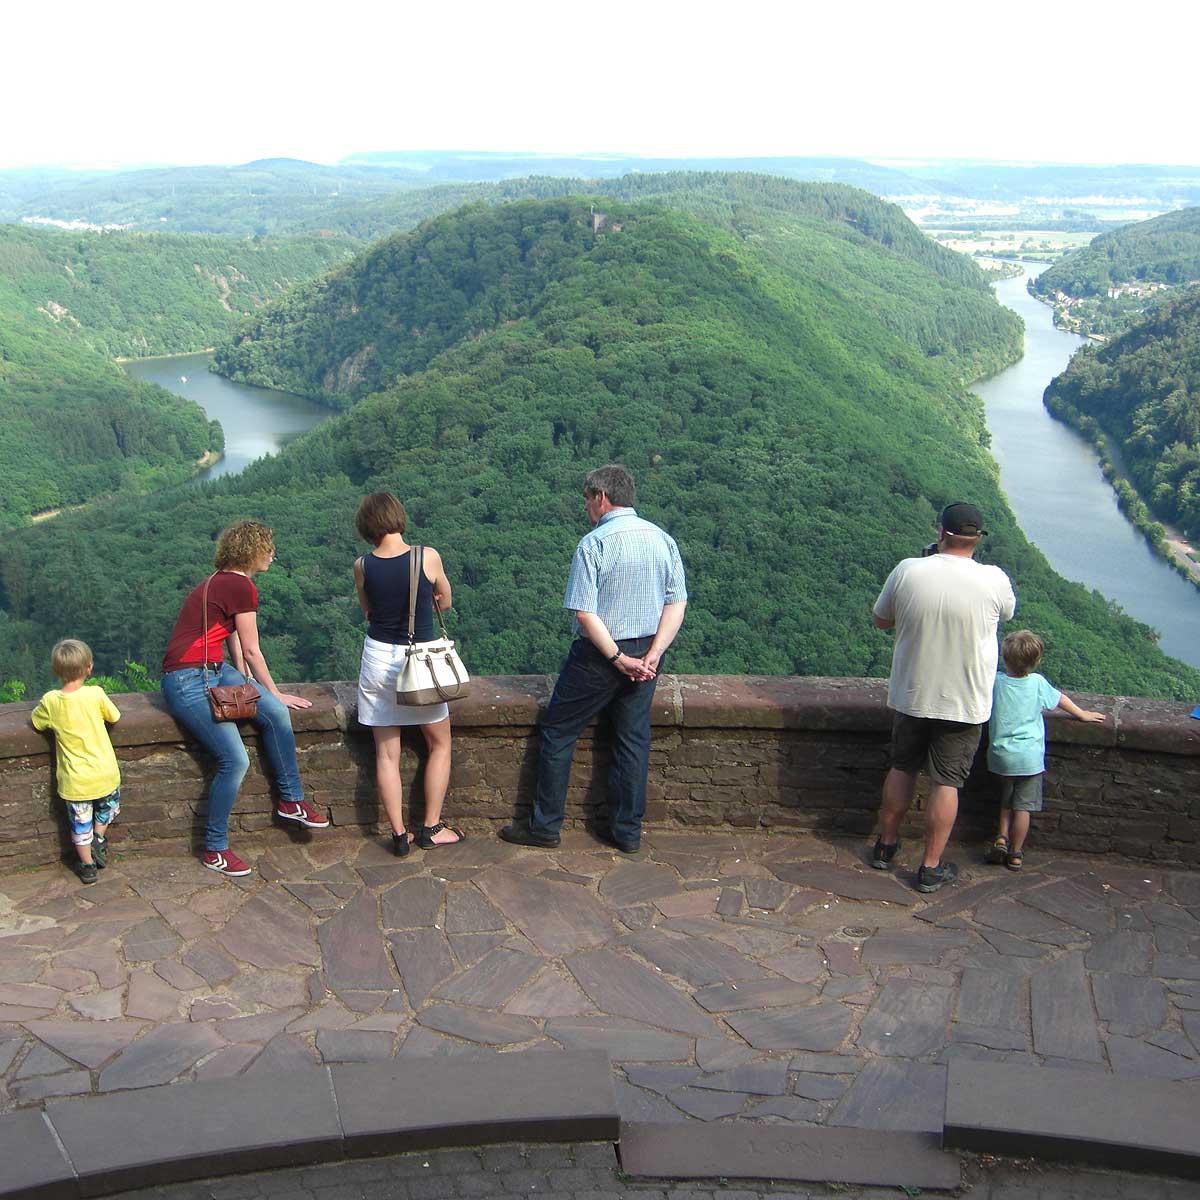 Das bekannteste Fotomotiv ist die Saarschleife in Mettlach.